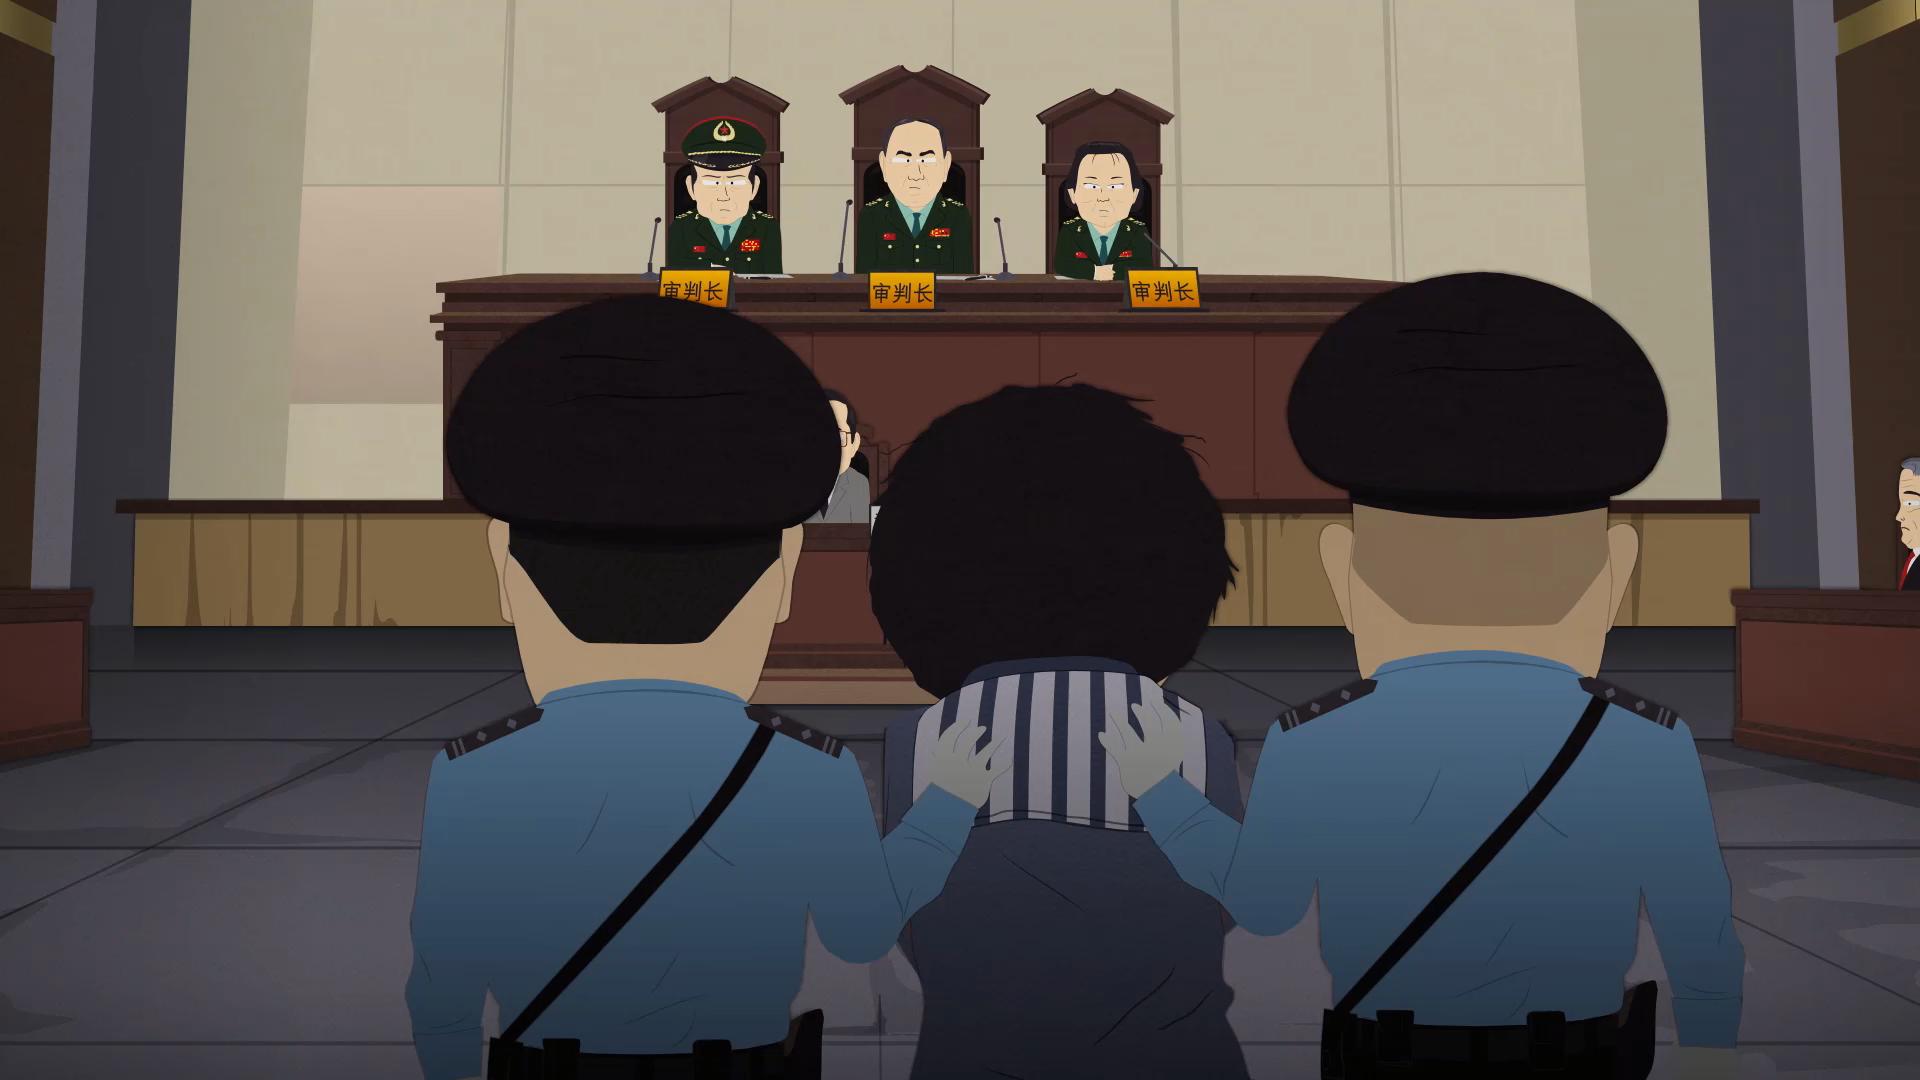 South park зачем инвестировать деньги взять кредит 1800000 в сбербанке